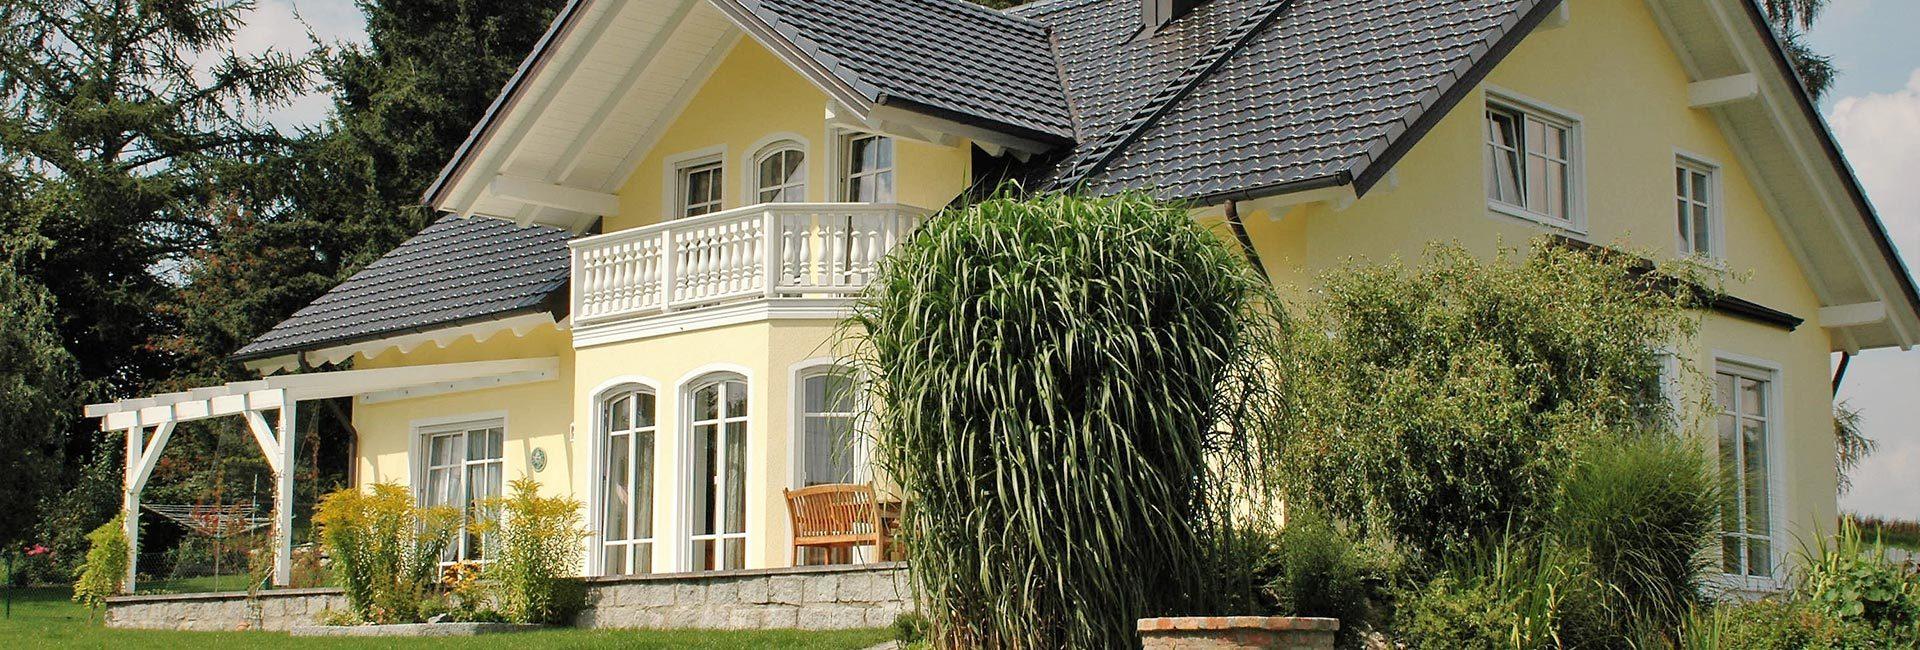 Einfamilienhaus von E.B.-Bau GmbH in Altdorf